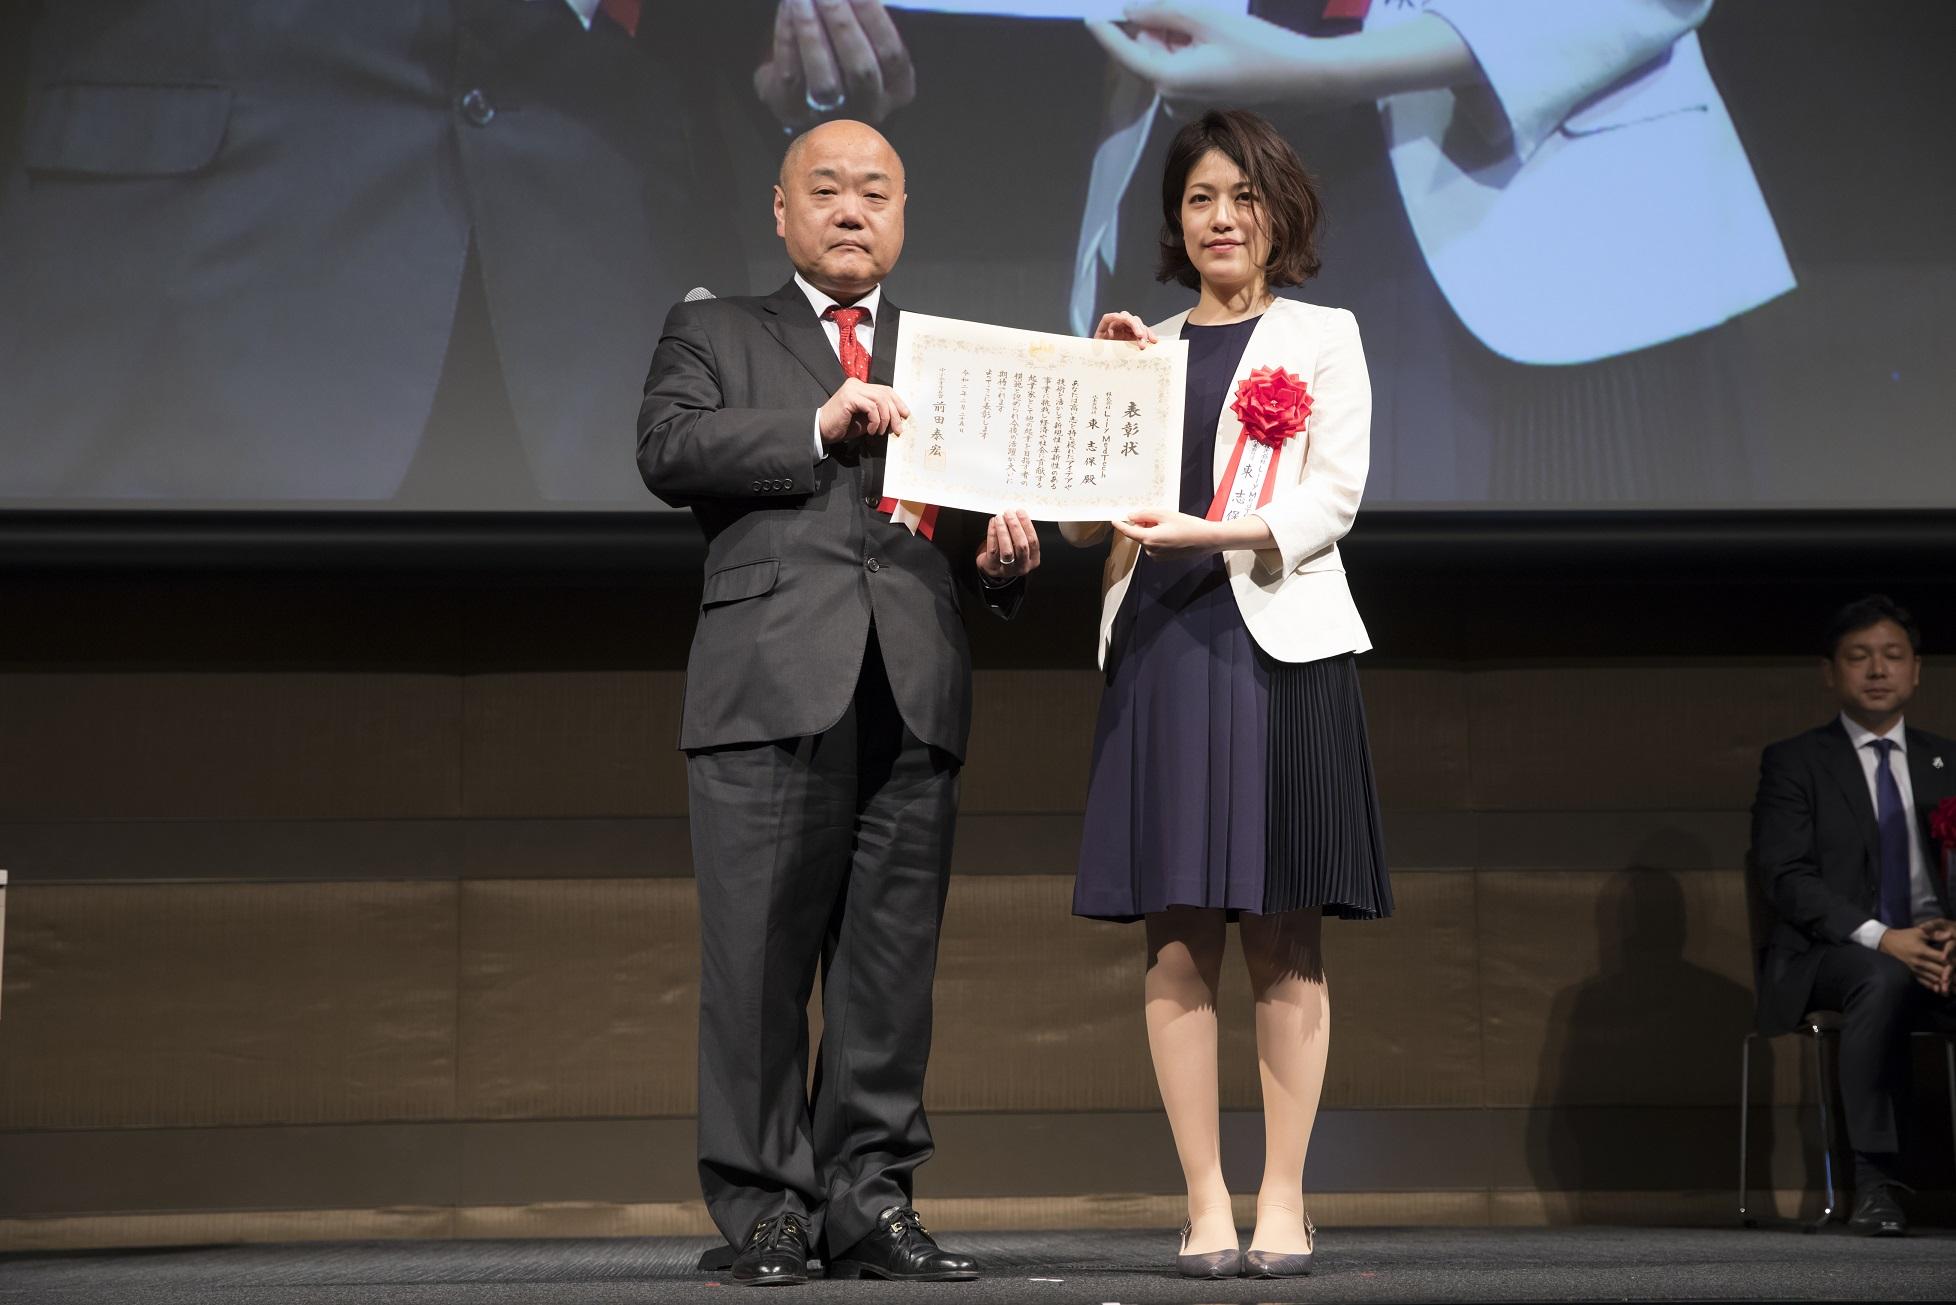 株式会社Lily MedTech がJapan Venture Awards 2020において中小企業庁長官賞を受賞しました。